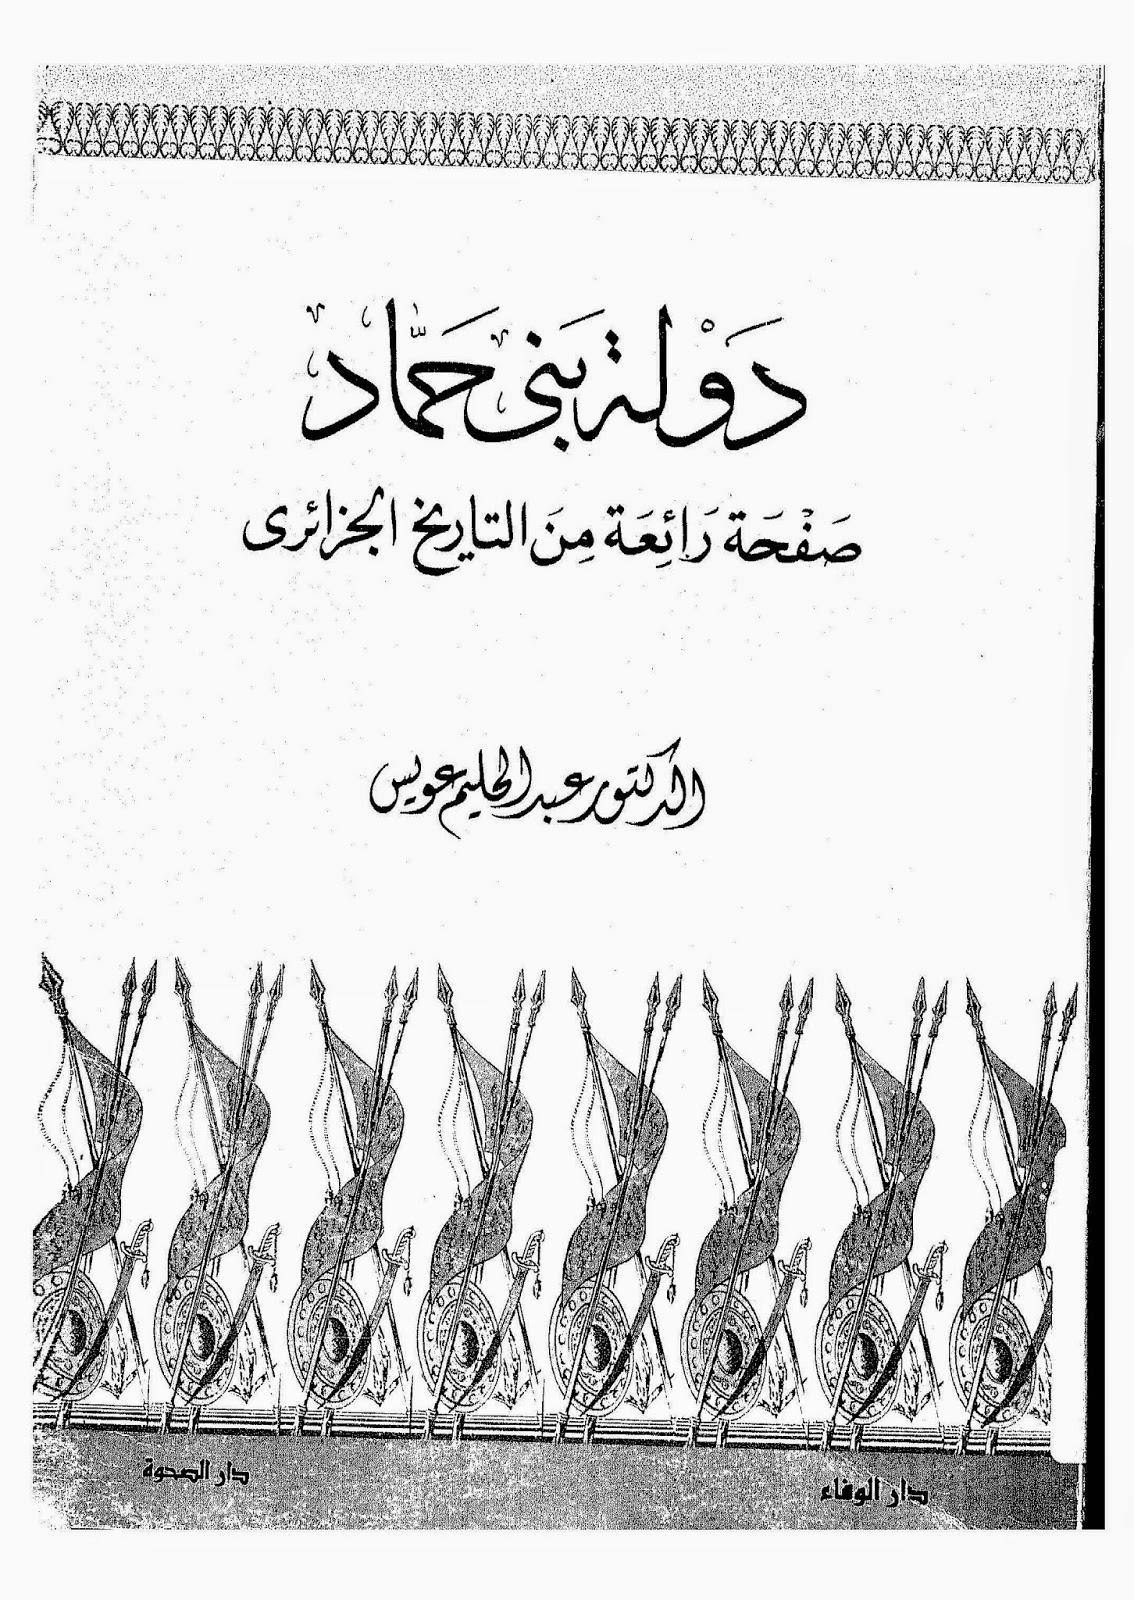 دولة بني حماد، صفحات رائعة من تاريخ الجزائر - عبد الحليم عويس